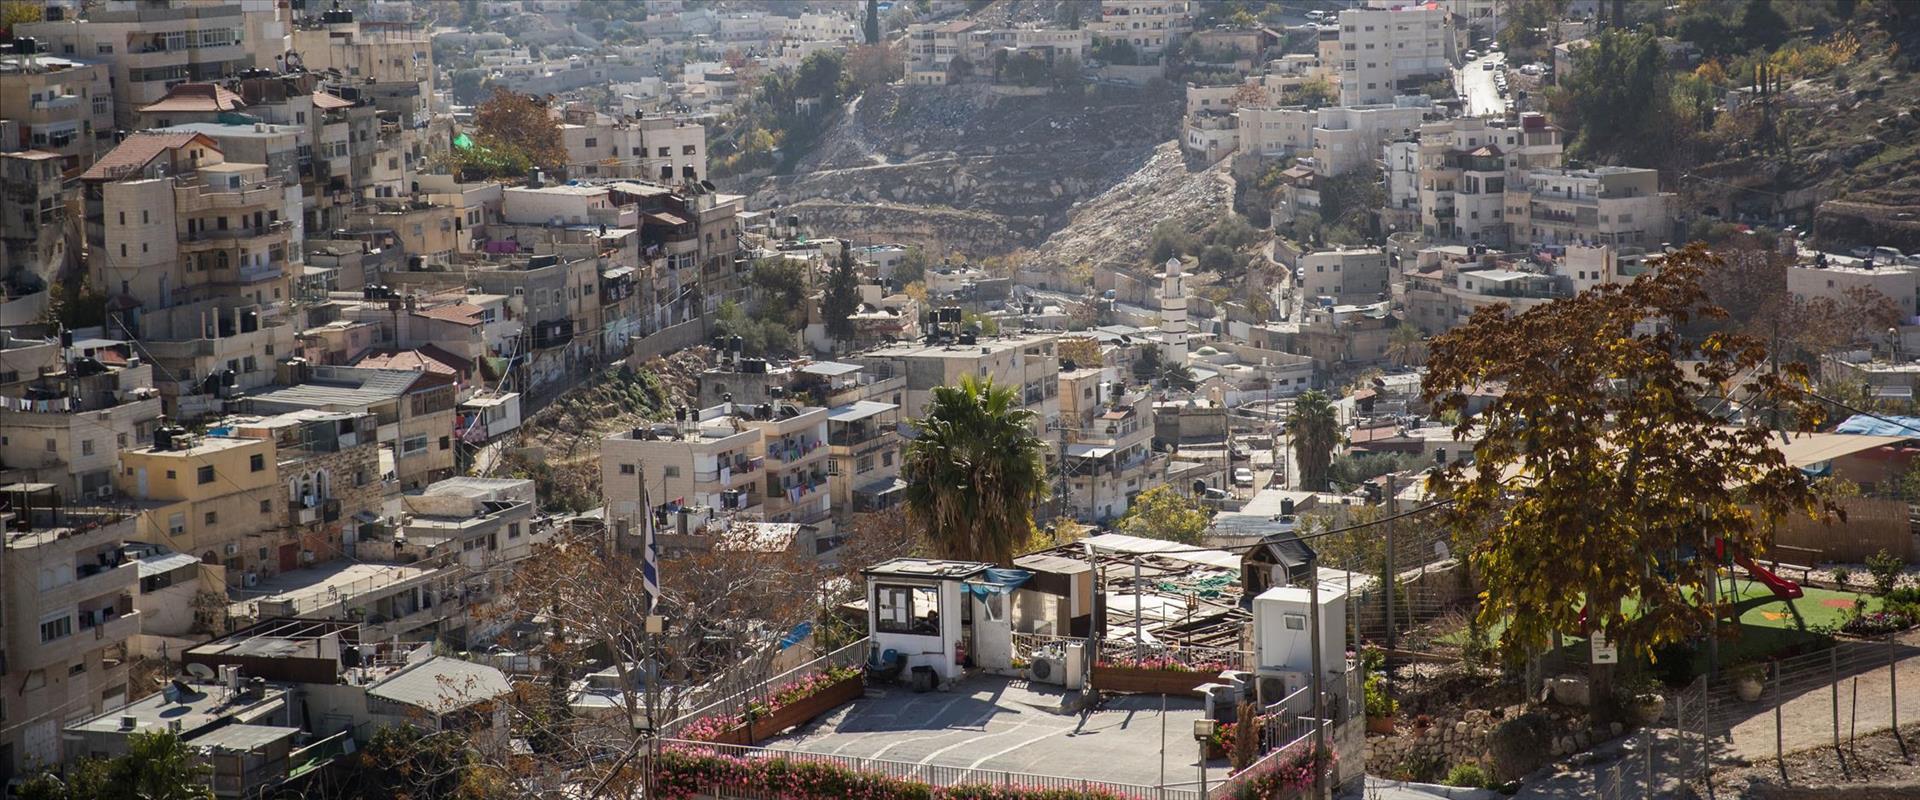 שכונת סילוואן בירושלים